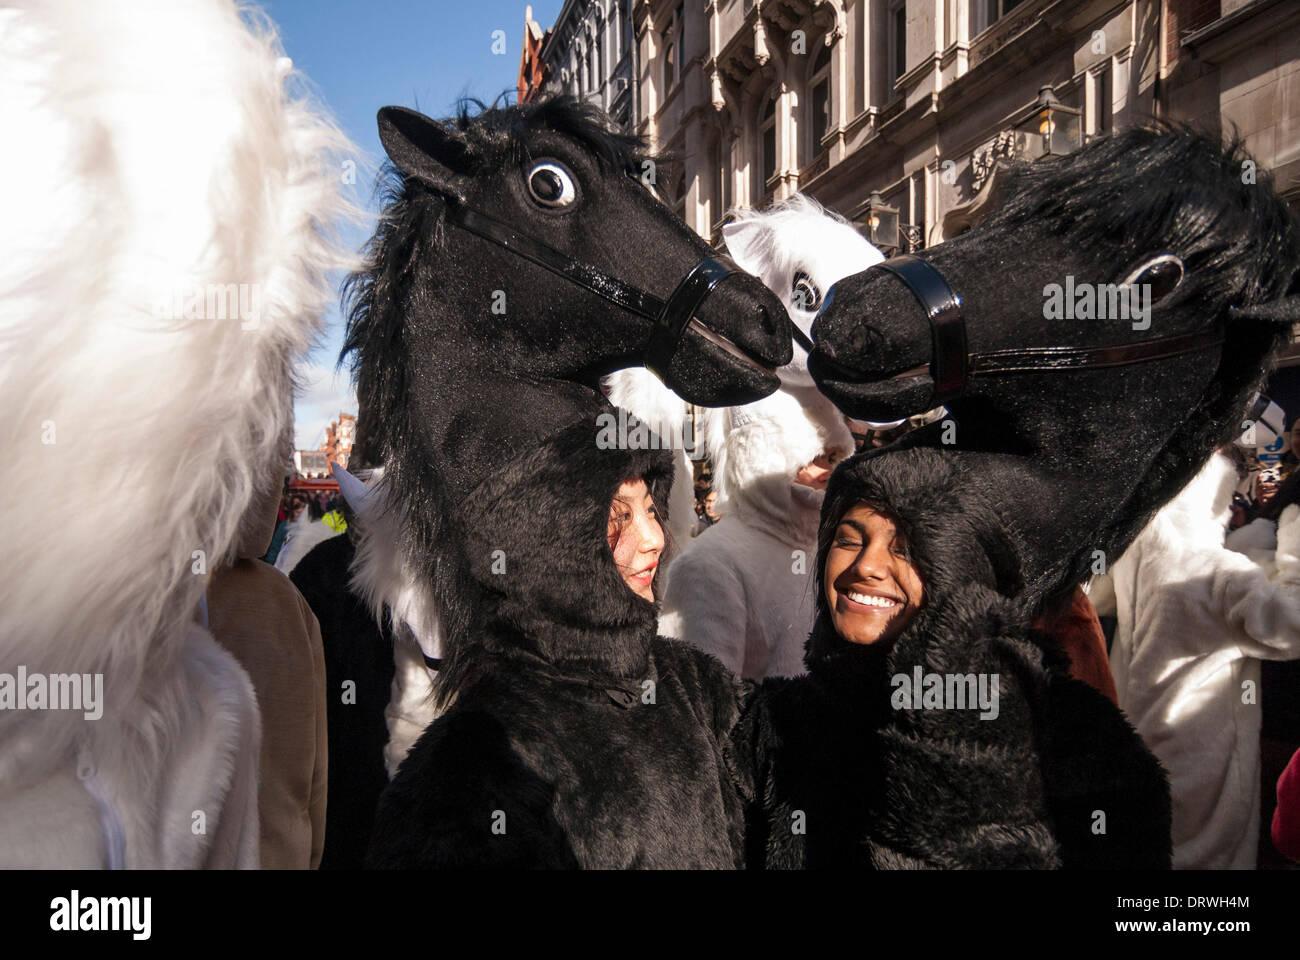 Chinatown, Londres, Royaume-Uni. 2 février 2014. Les filles habillés comme des chevaux prennent part à la parade dans le quartier chinois pour célébrer l'année de l'Horse Crédit: Stephen Chung/Alamy Live News Photo Stock